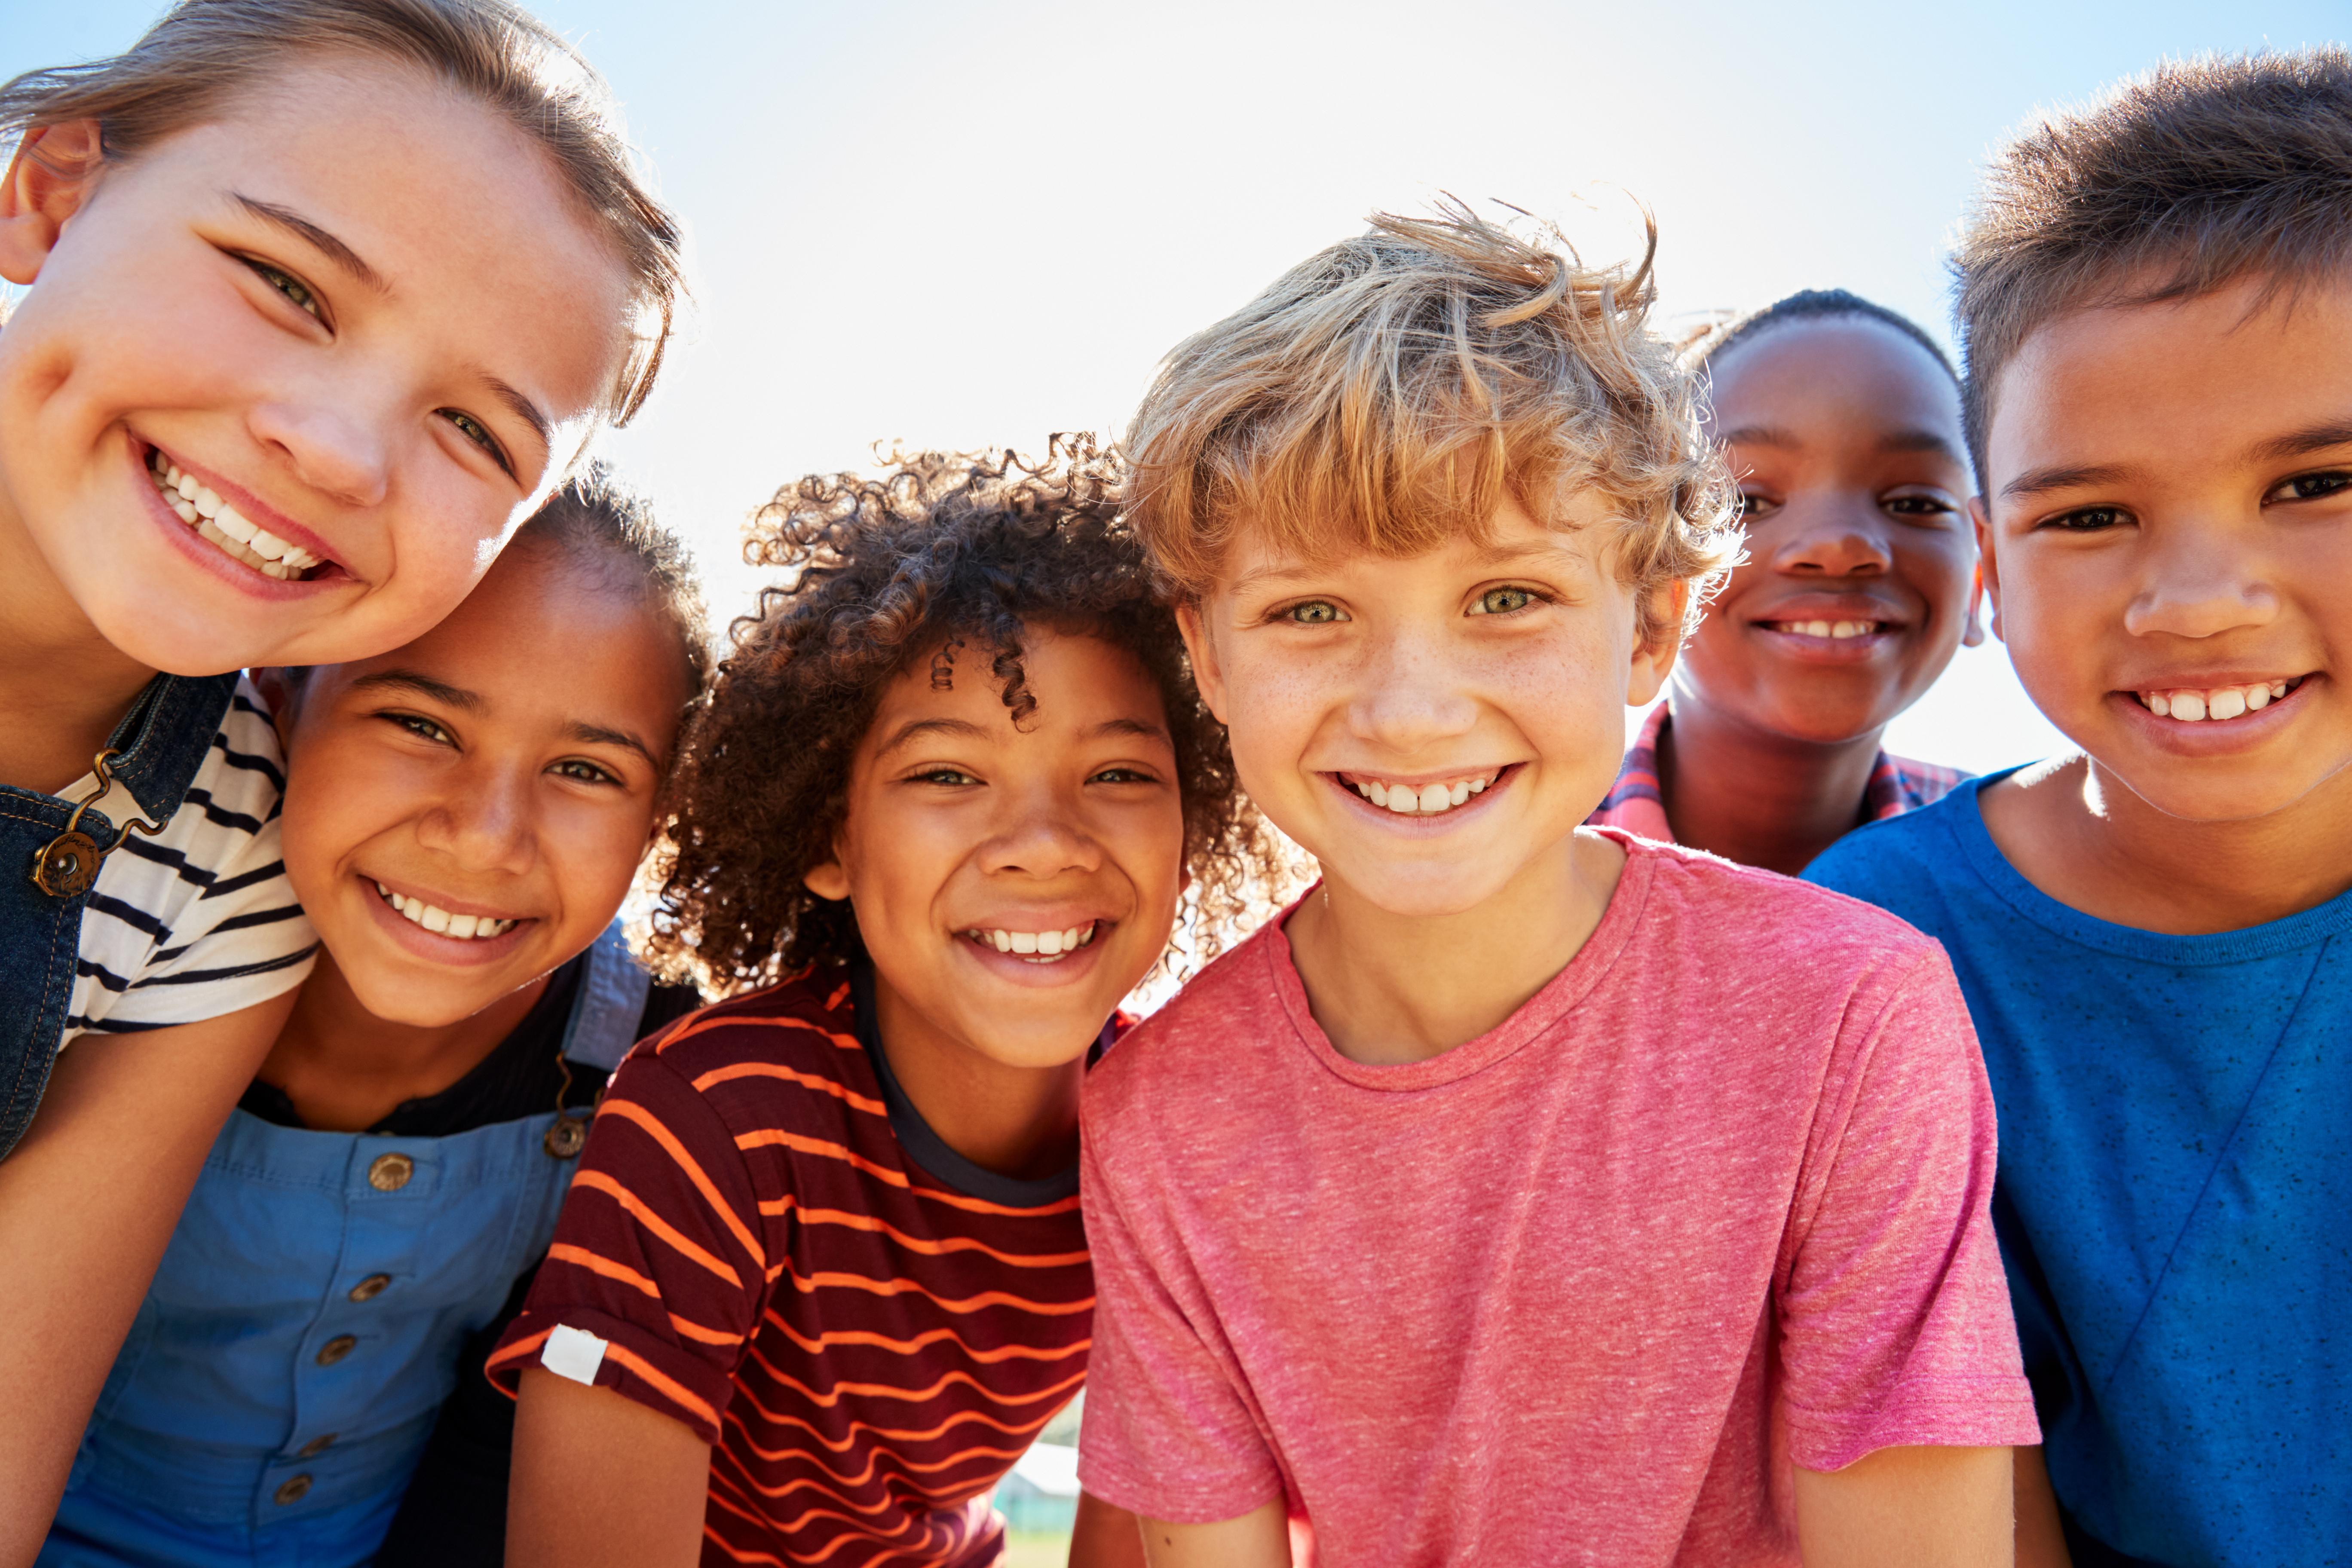 Children smiling together